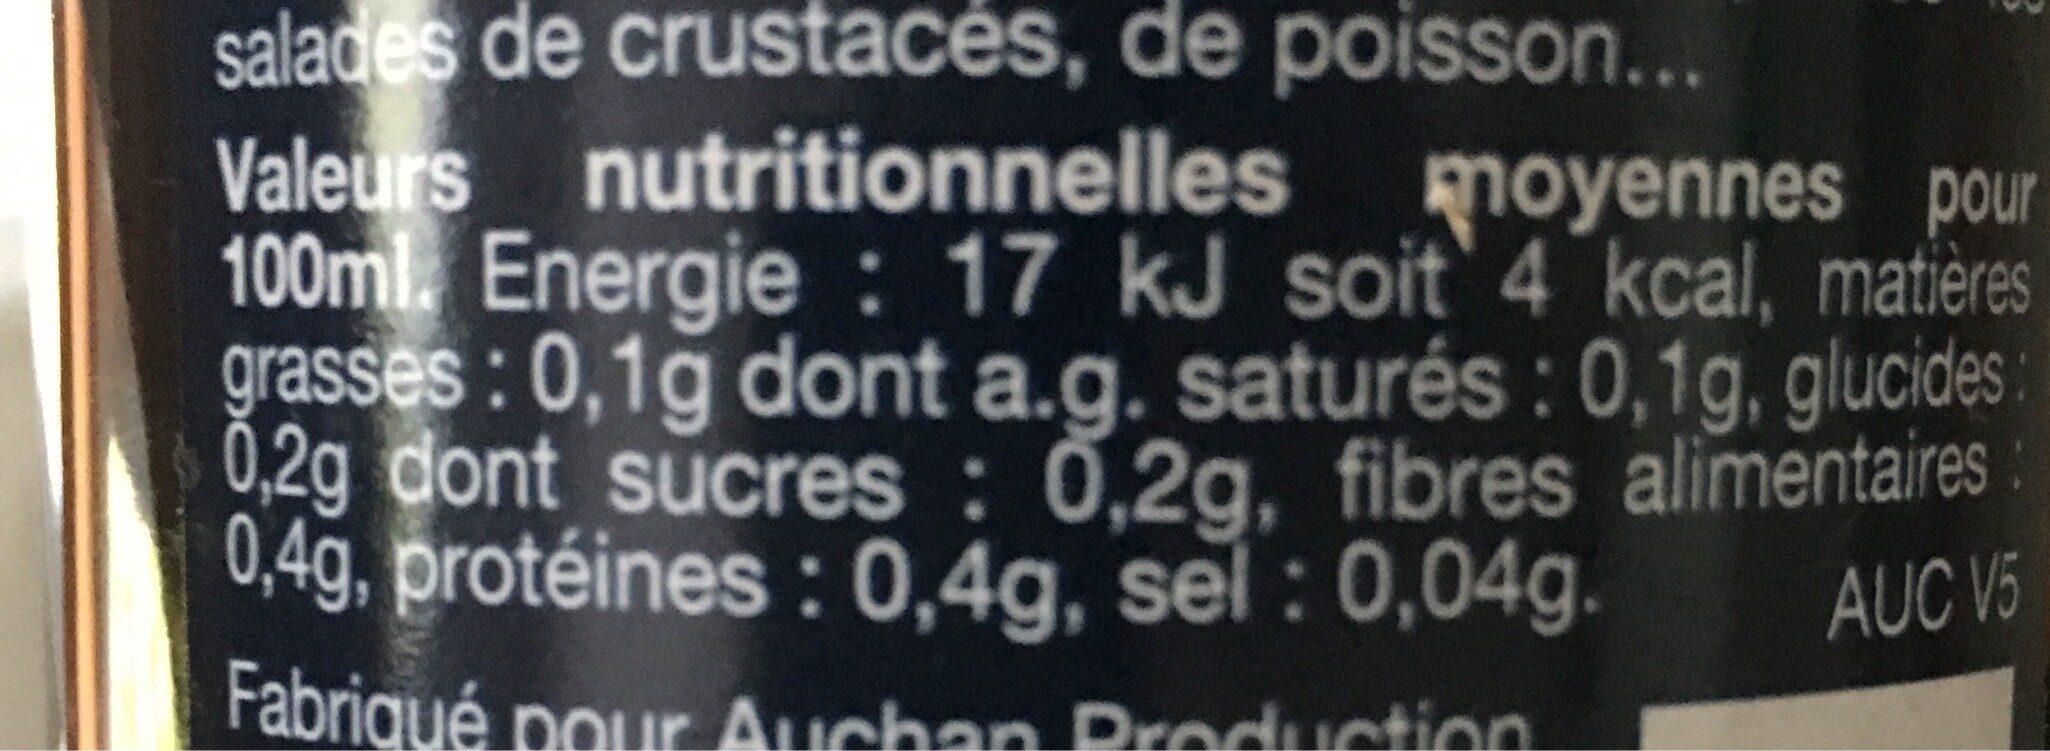 Auchan Vinaigre De Xerès - Nutrition facts